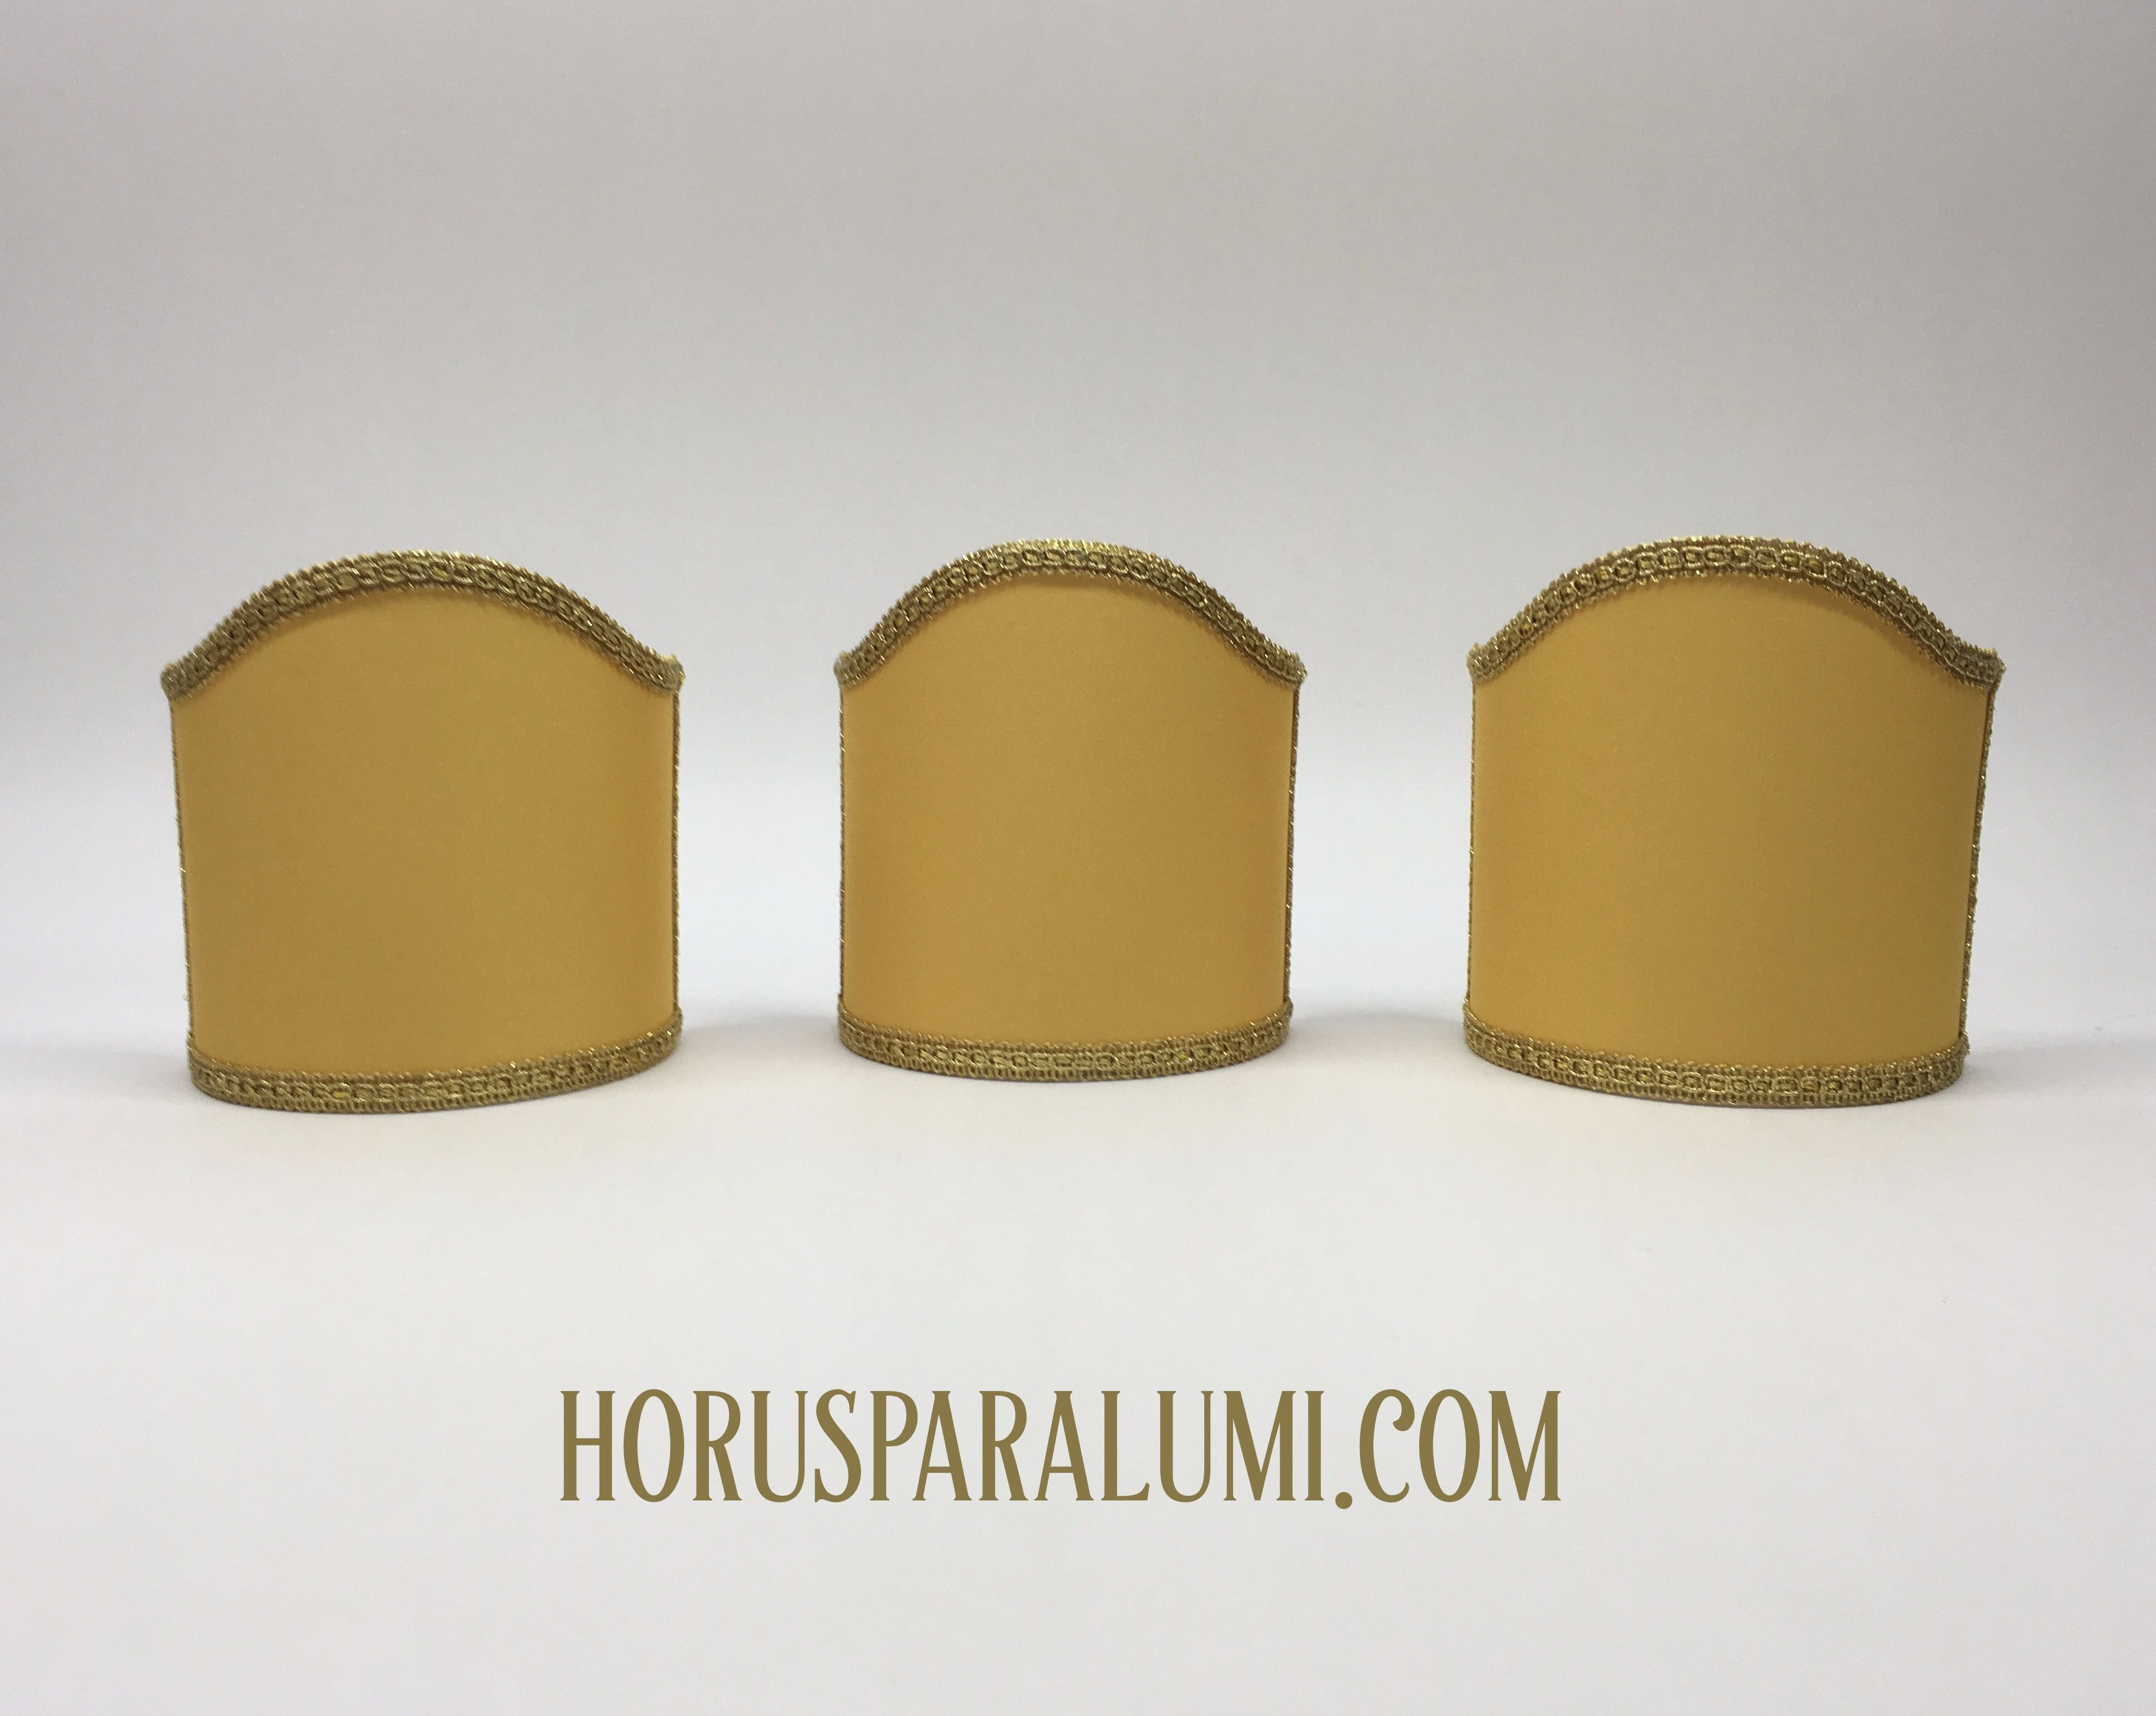 Paralumi in tessuto per applique scopri di più clicca sul pin